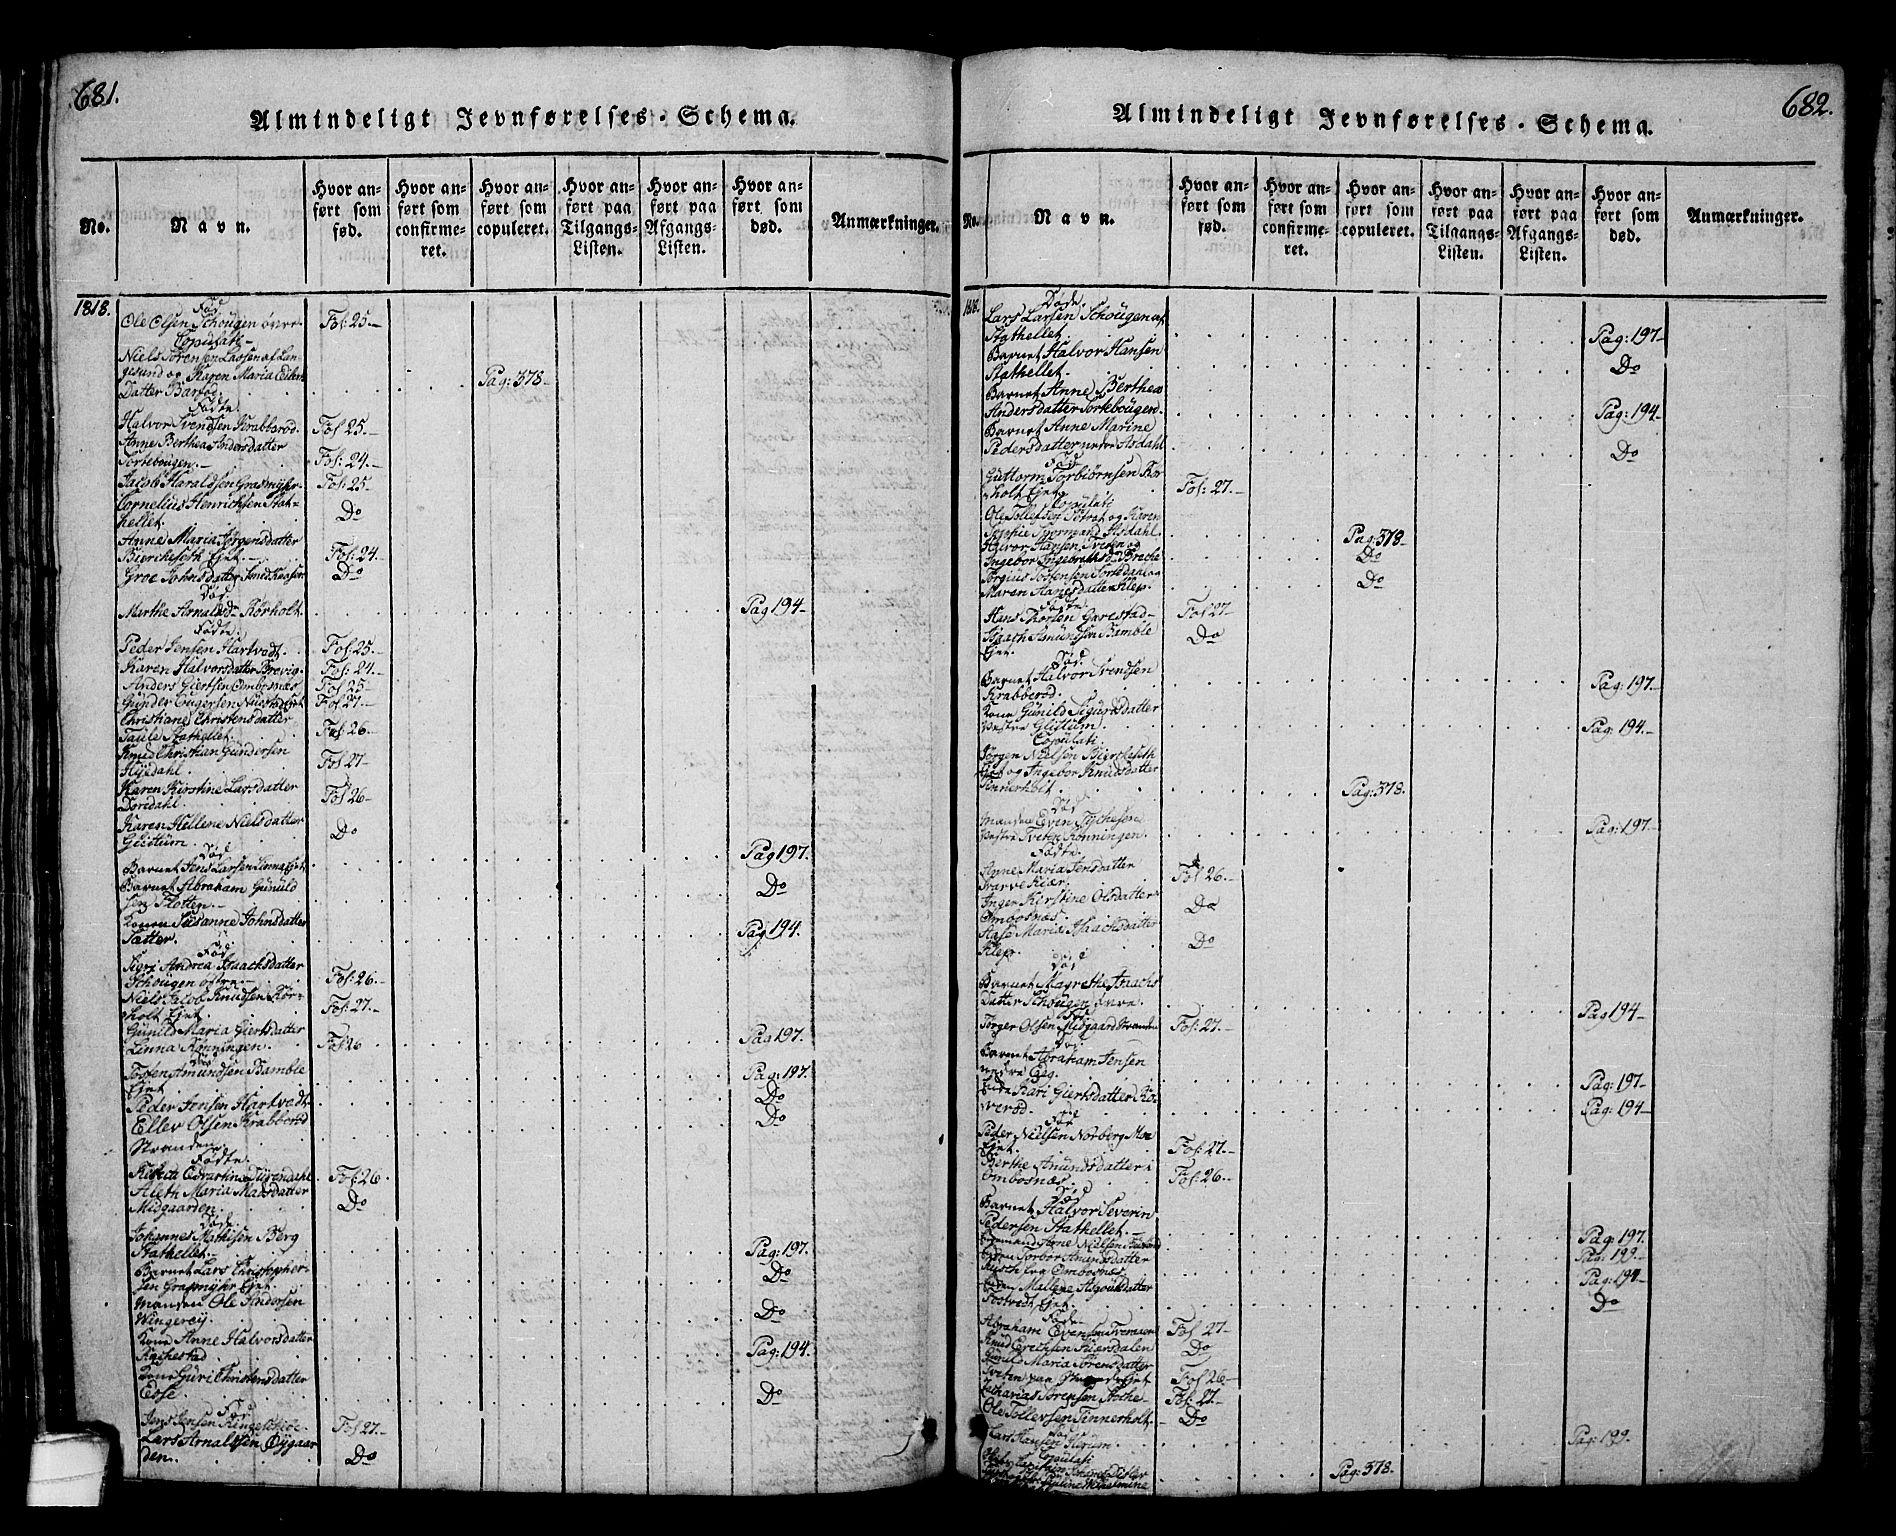 SAKO, Bamble kirkebøker, G/Ga/L0005: Klokkerbok nr. I 5, 1814-1855, s. 681-682